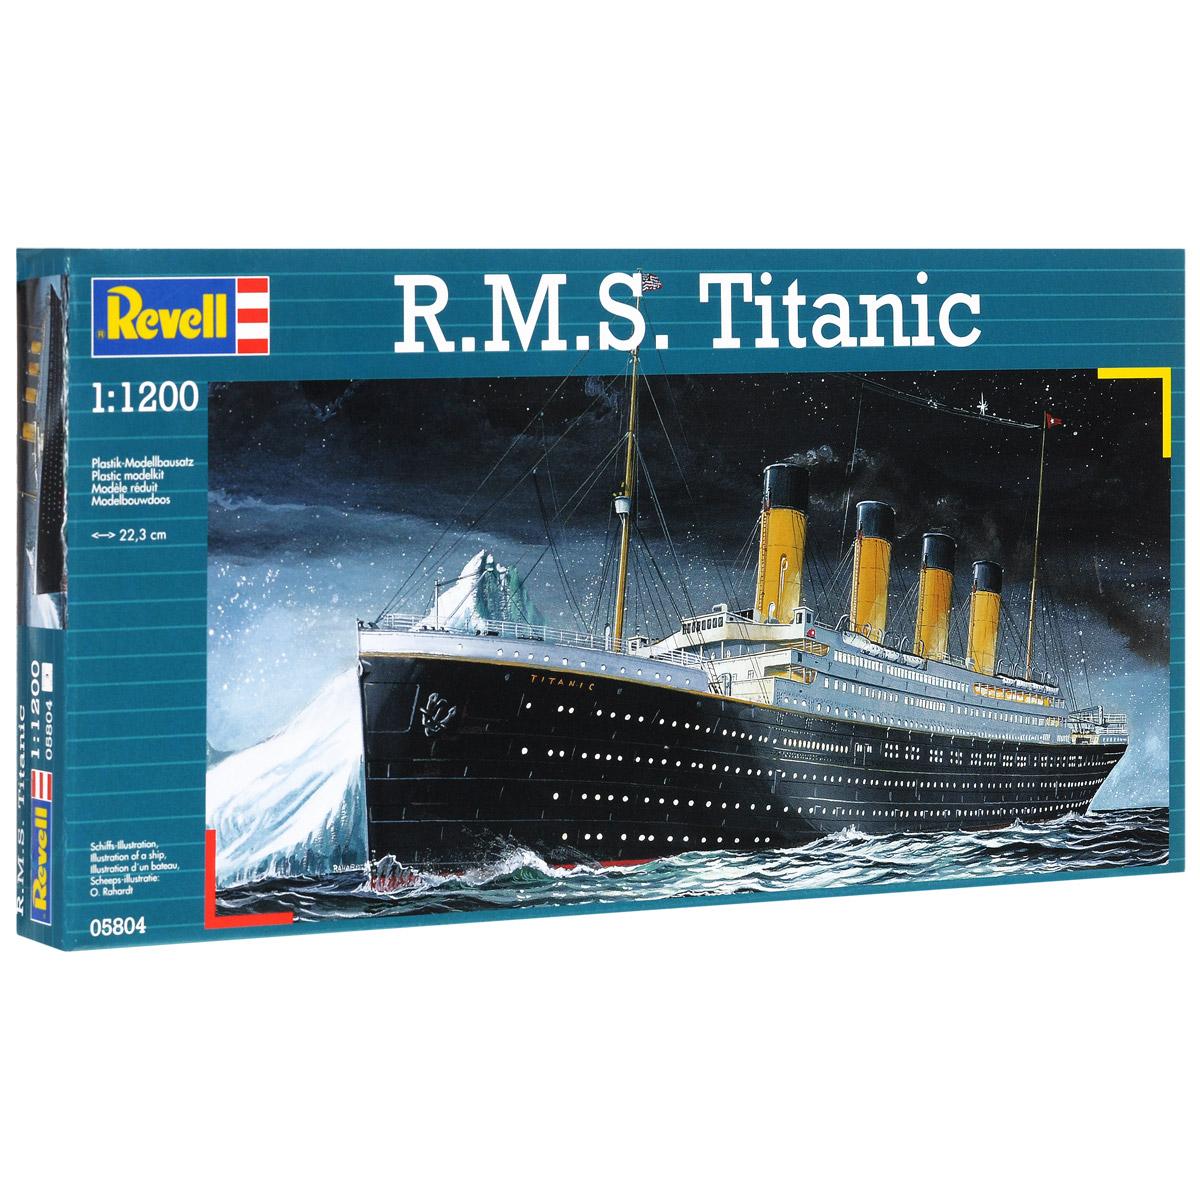 Сборная модель Revell Корабль R.M.S. Titanic, 40 элементов05804Сборная модель Revell Корабль R.M.S. Titanic поможет вам и вашему ребенку придумать увлекательное занятие на долгое время. Набор включает в себя 40 пластиковых элементов, из которых можно собрать достоверную уменьшенную копию одноименного корабля. Титаник (R.M.S. Titanic) - английский пароход произведенный компанией Уайт Стар Лайн, был вторым из трех кораблей-близнецов типа Олимпик. Самый большой пассажирский лайнер мира в свое время. Известен своим печальным первым и единственным рейсом -14 апреля 1912 года, во время которого столкнулся с айсбергом и в течении 2 часов 40 минут затонул. В тот момент на корабле находилось 908 членов экипажа, 1316 пассажиров, всего 2224 человека. Спастись смогли только 711 человек, 1513 погибло. Крушение Титаника стало легендарным, на основе этих событий было снято множество художественных фильмов. Также в наборе схематичная инструкция по сборке. Процесс сборки развивает интеллектуальные и инструментальные...